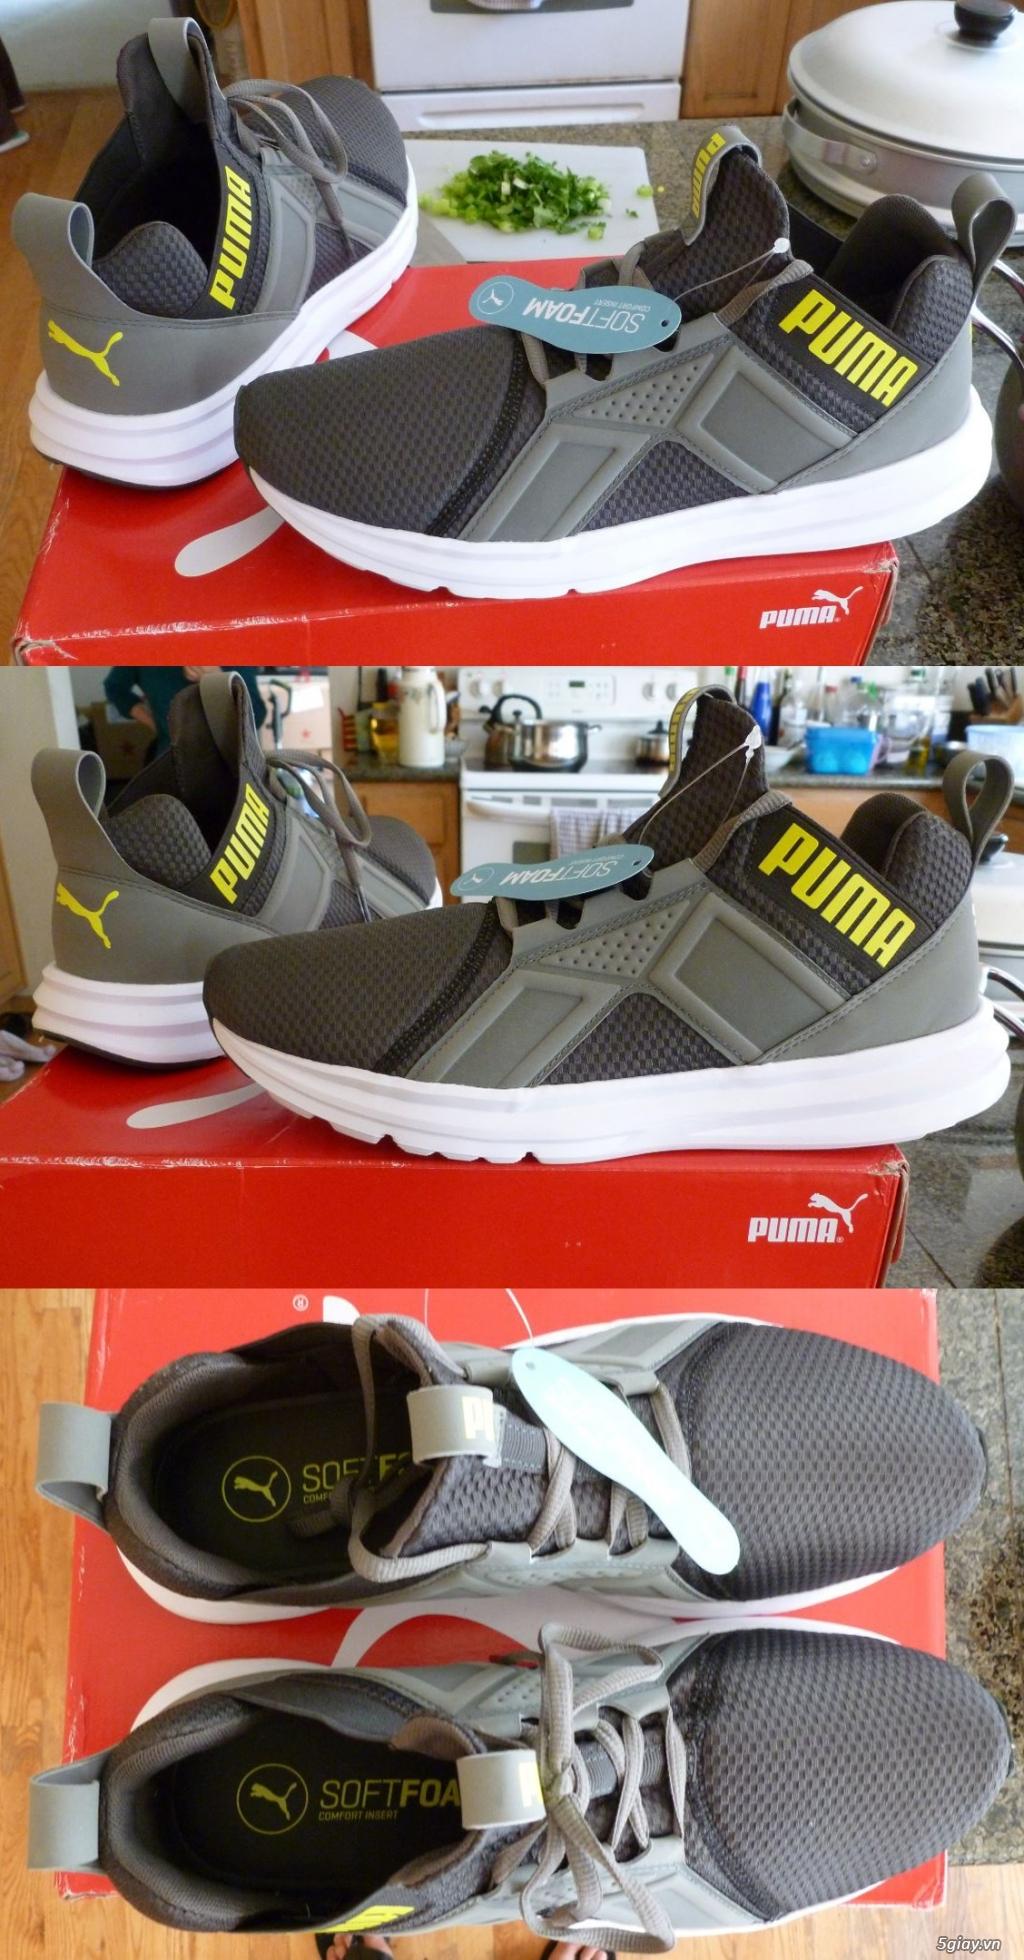 Mình xách/gửi giày Nike, Skechers, Reebok, Polo, Converse, v.v. từ Mỹ. - 26